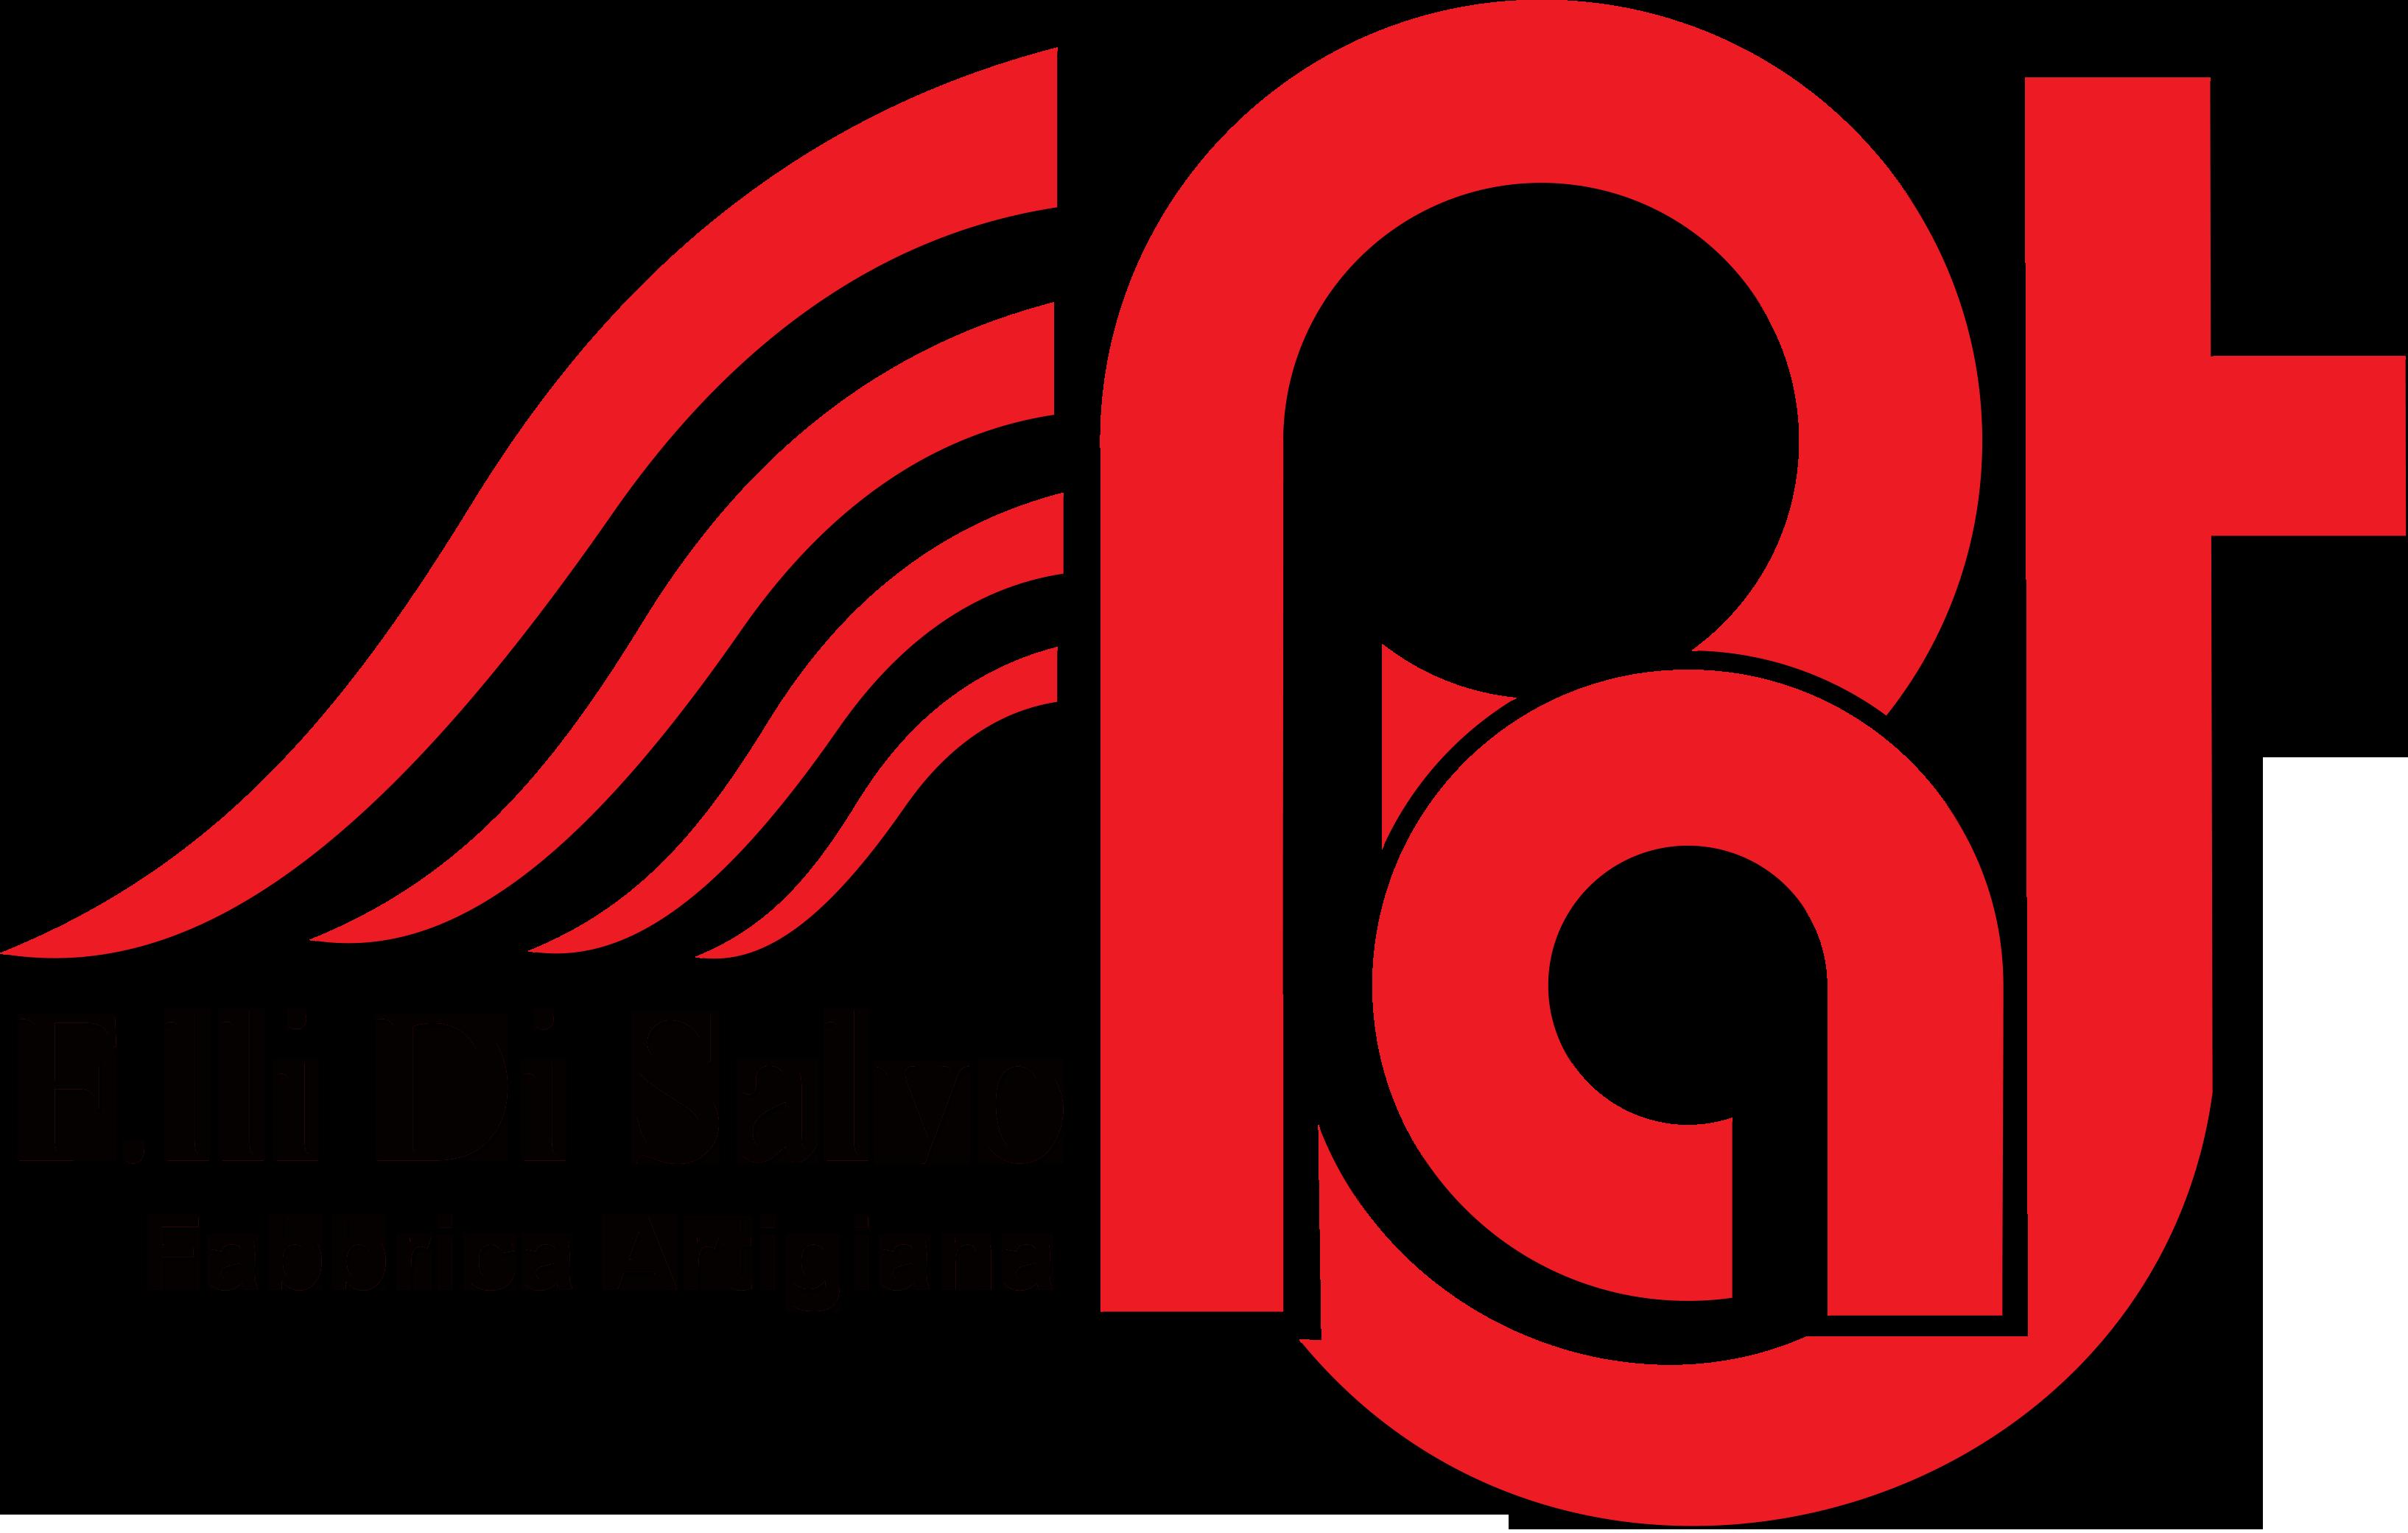 logo Pat di Salvo